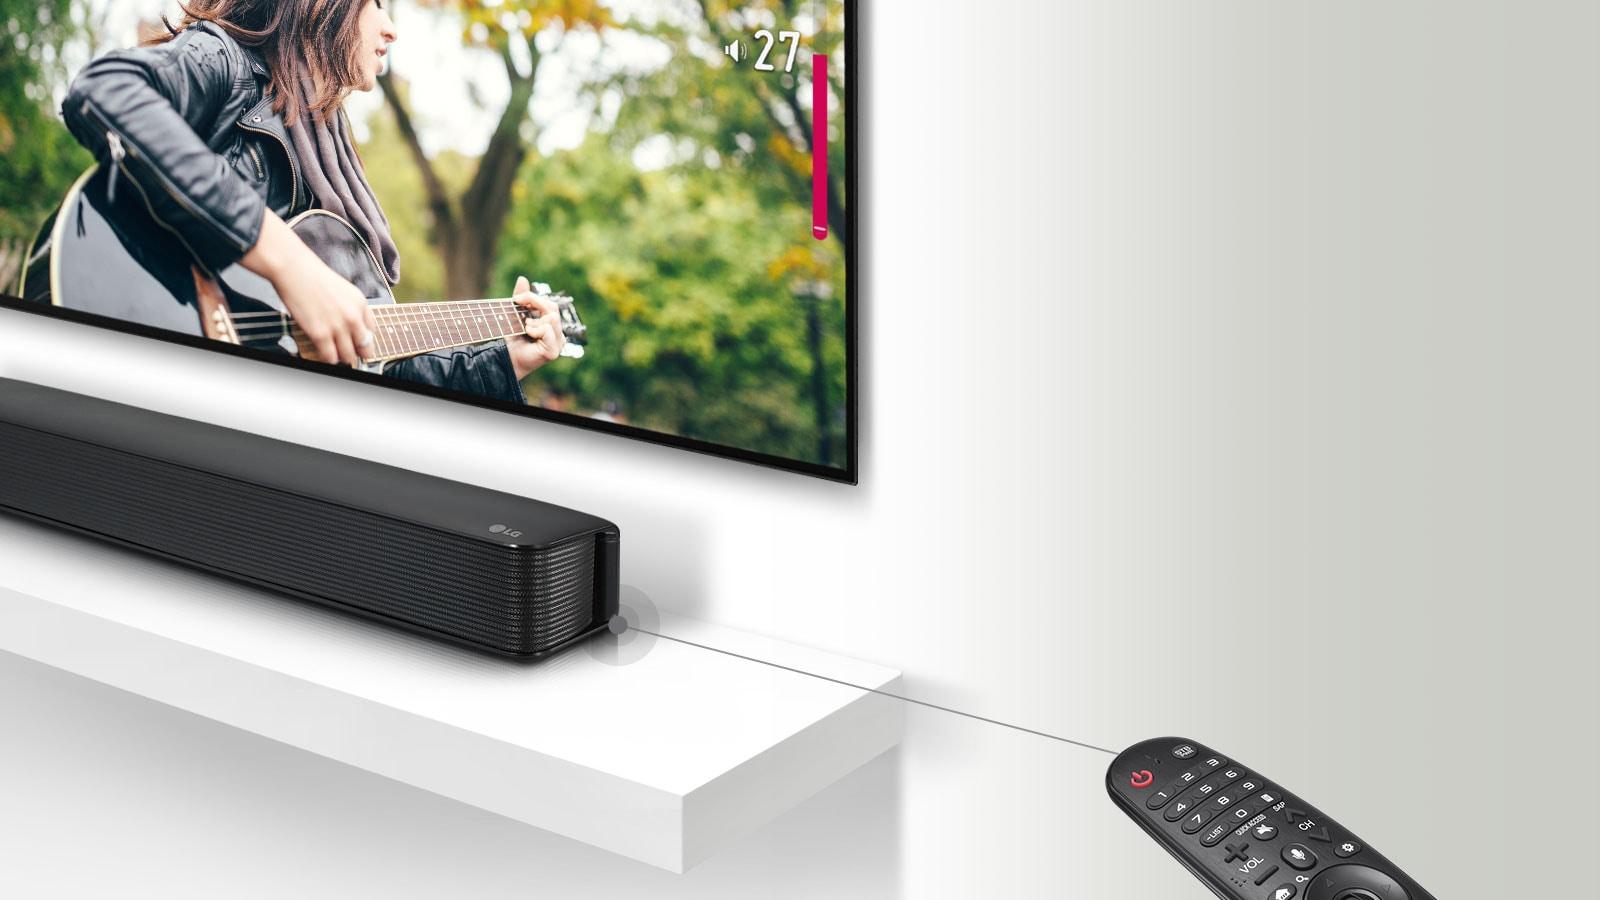 Compatibilité avec la télécommande d'un téléviseur1